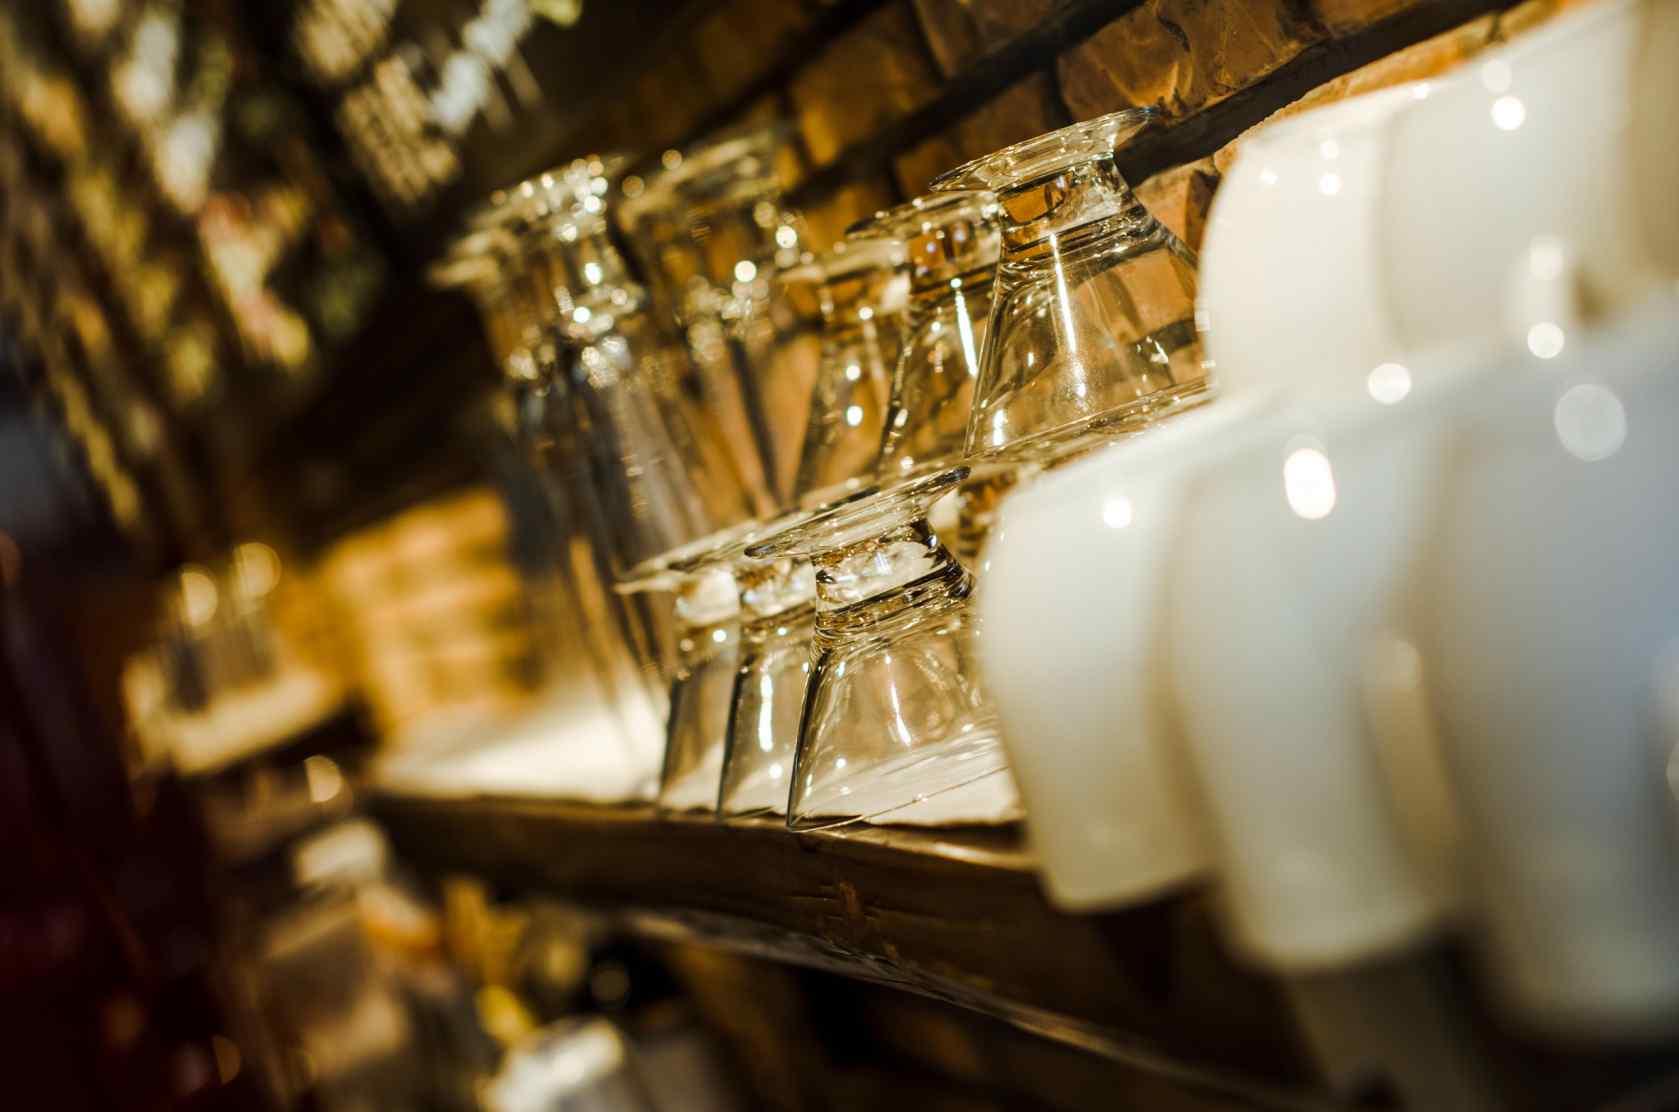 唯美咖啡屋_唯美好看的咖啡馆杯具桌面壁纸 -桌面天下(Desktx.com)